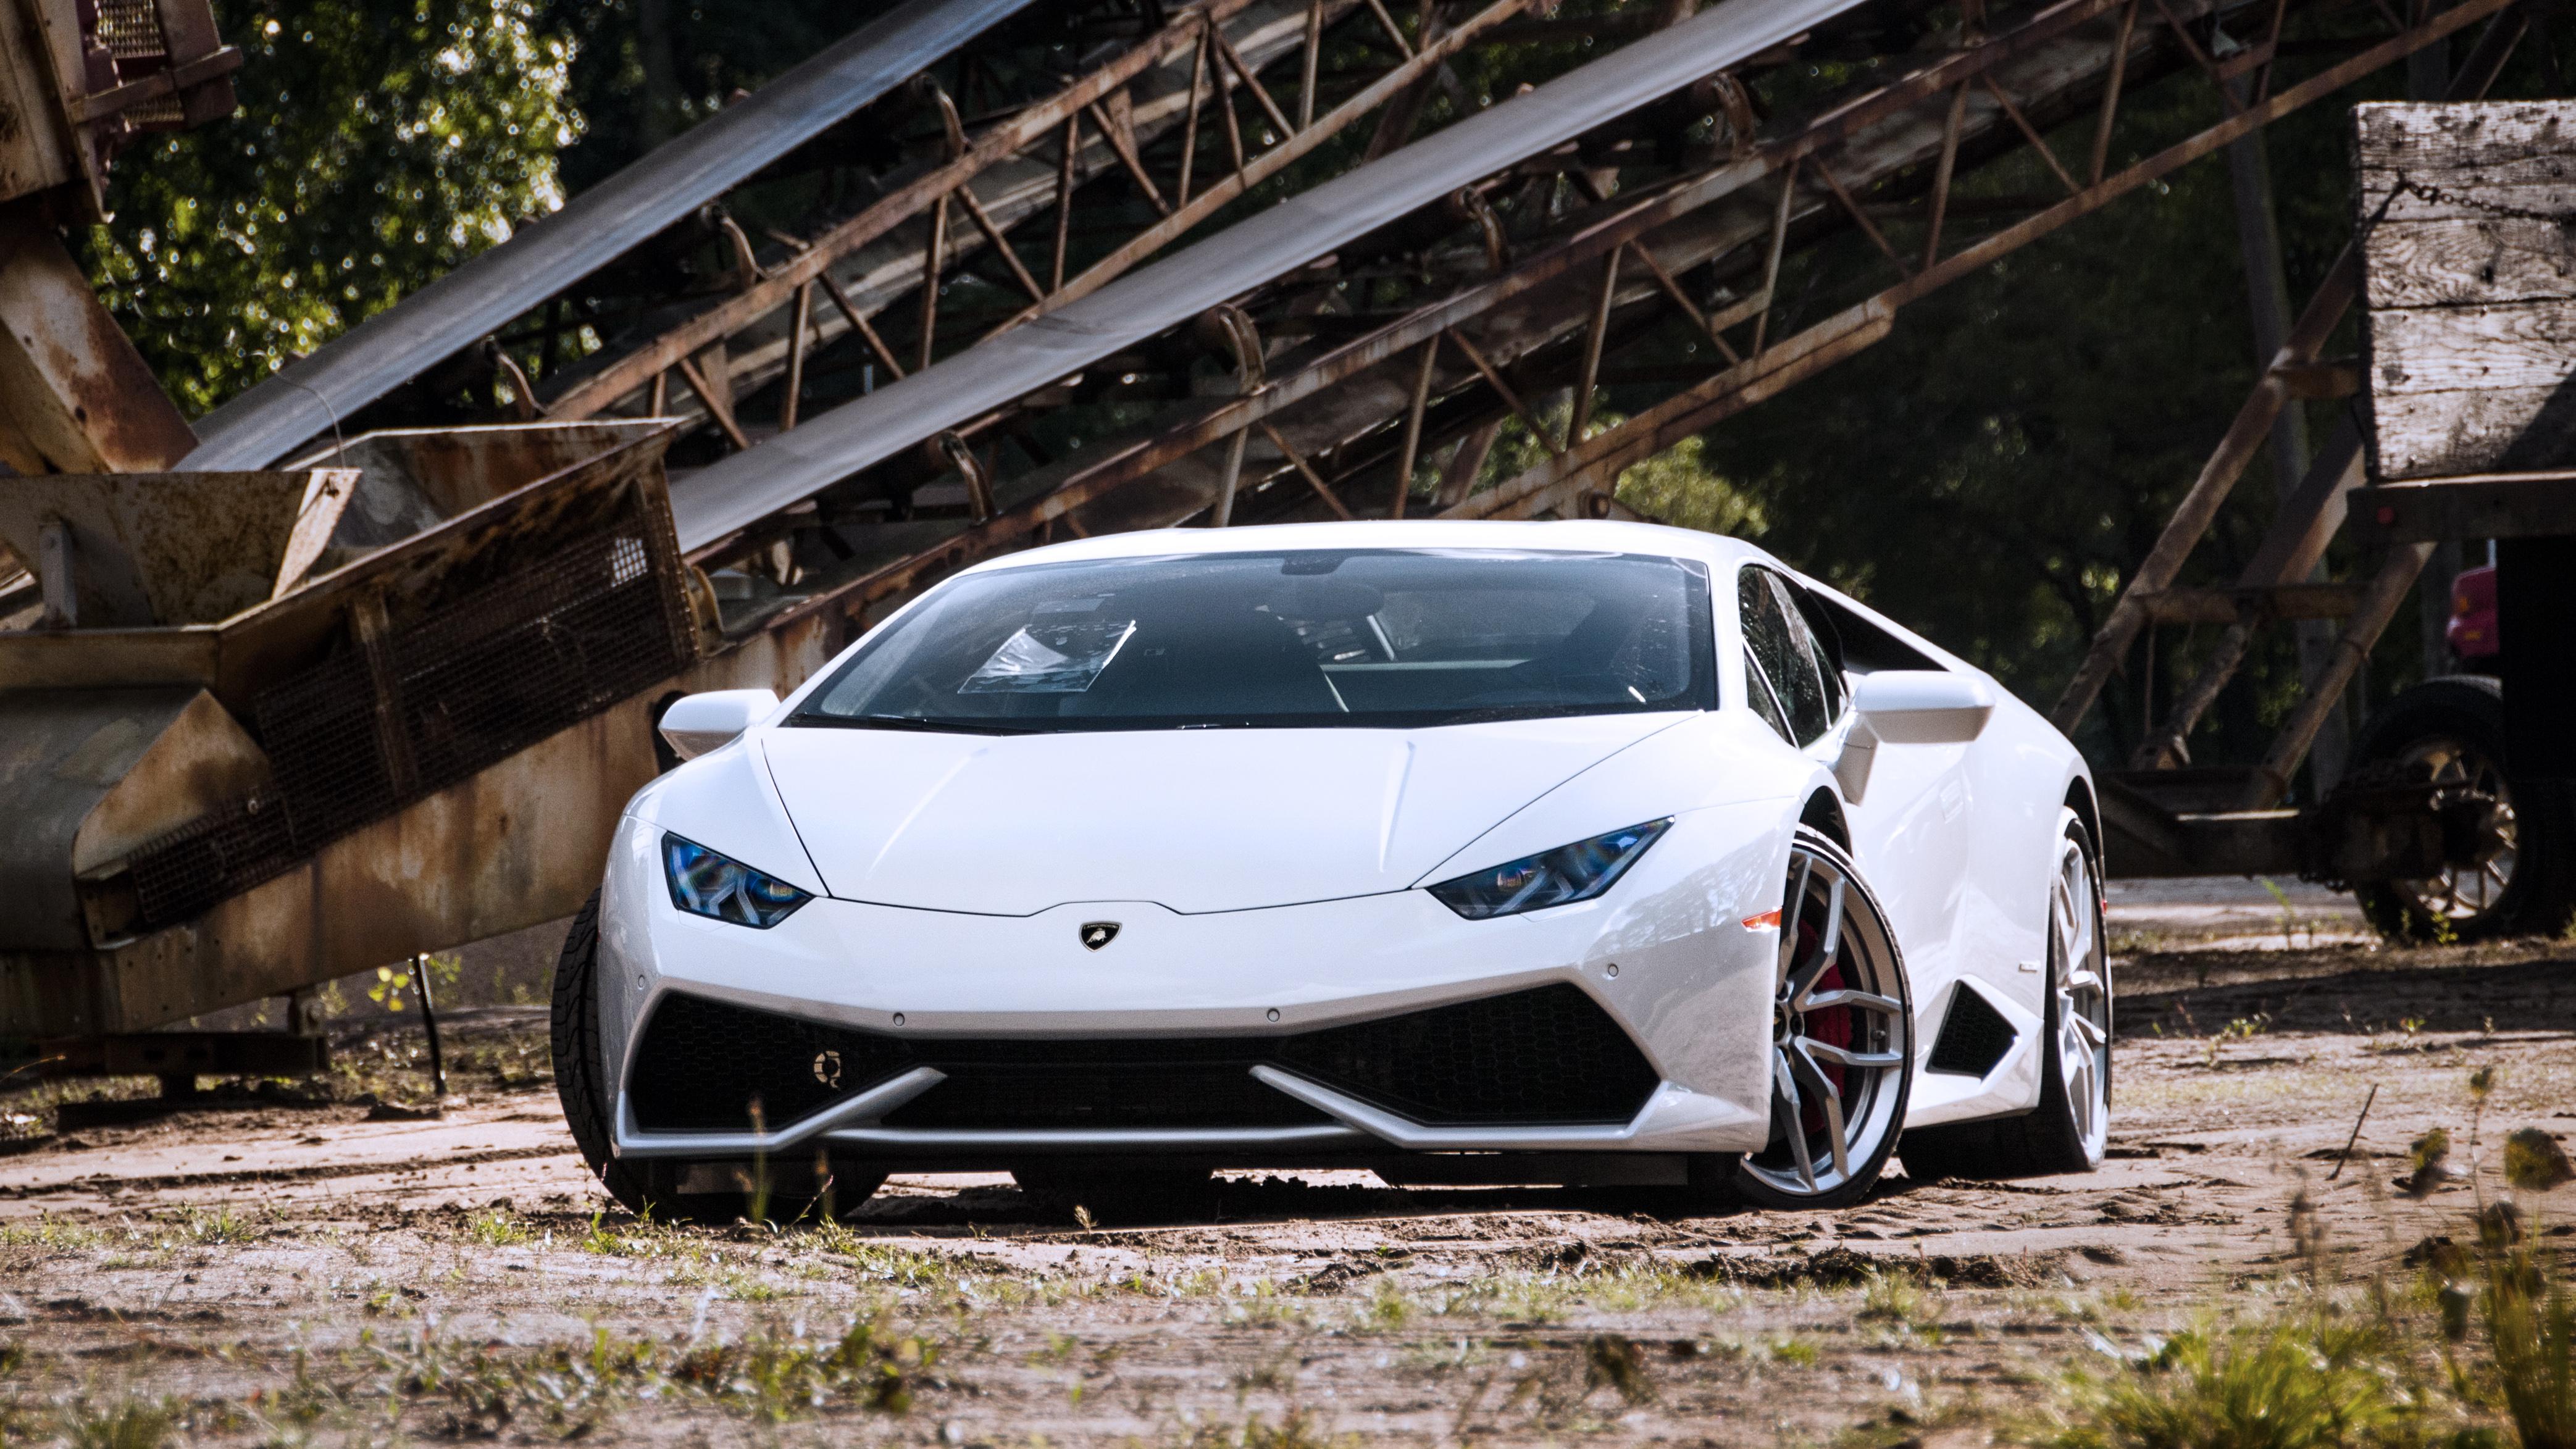 Lamborghini Huracan Atlanta